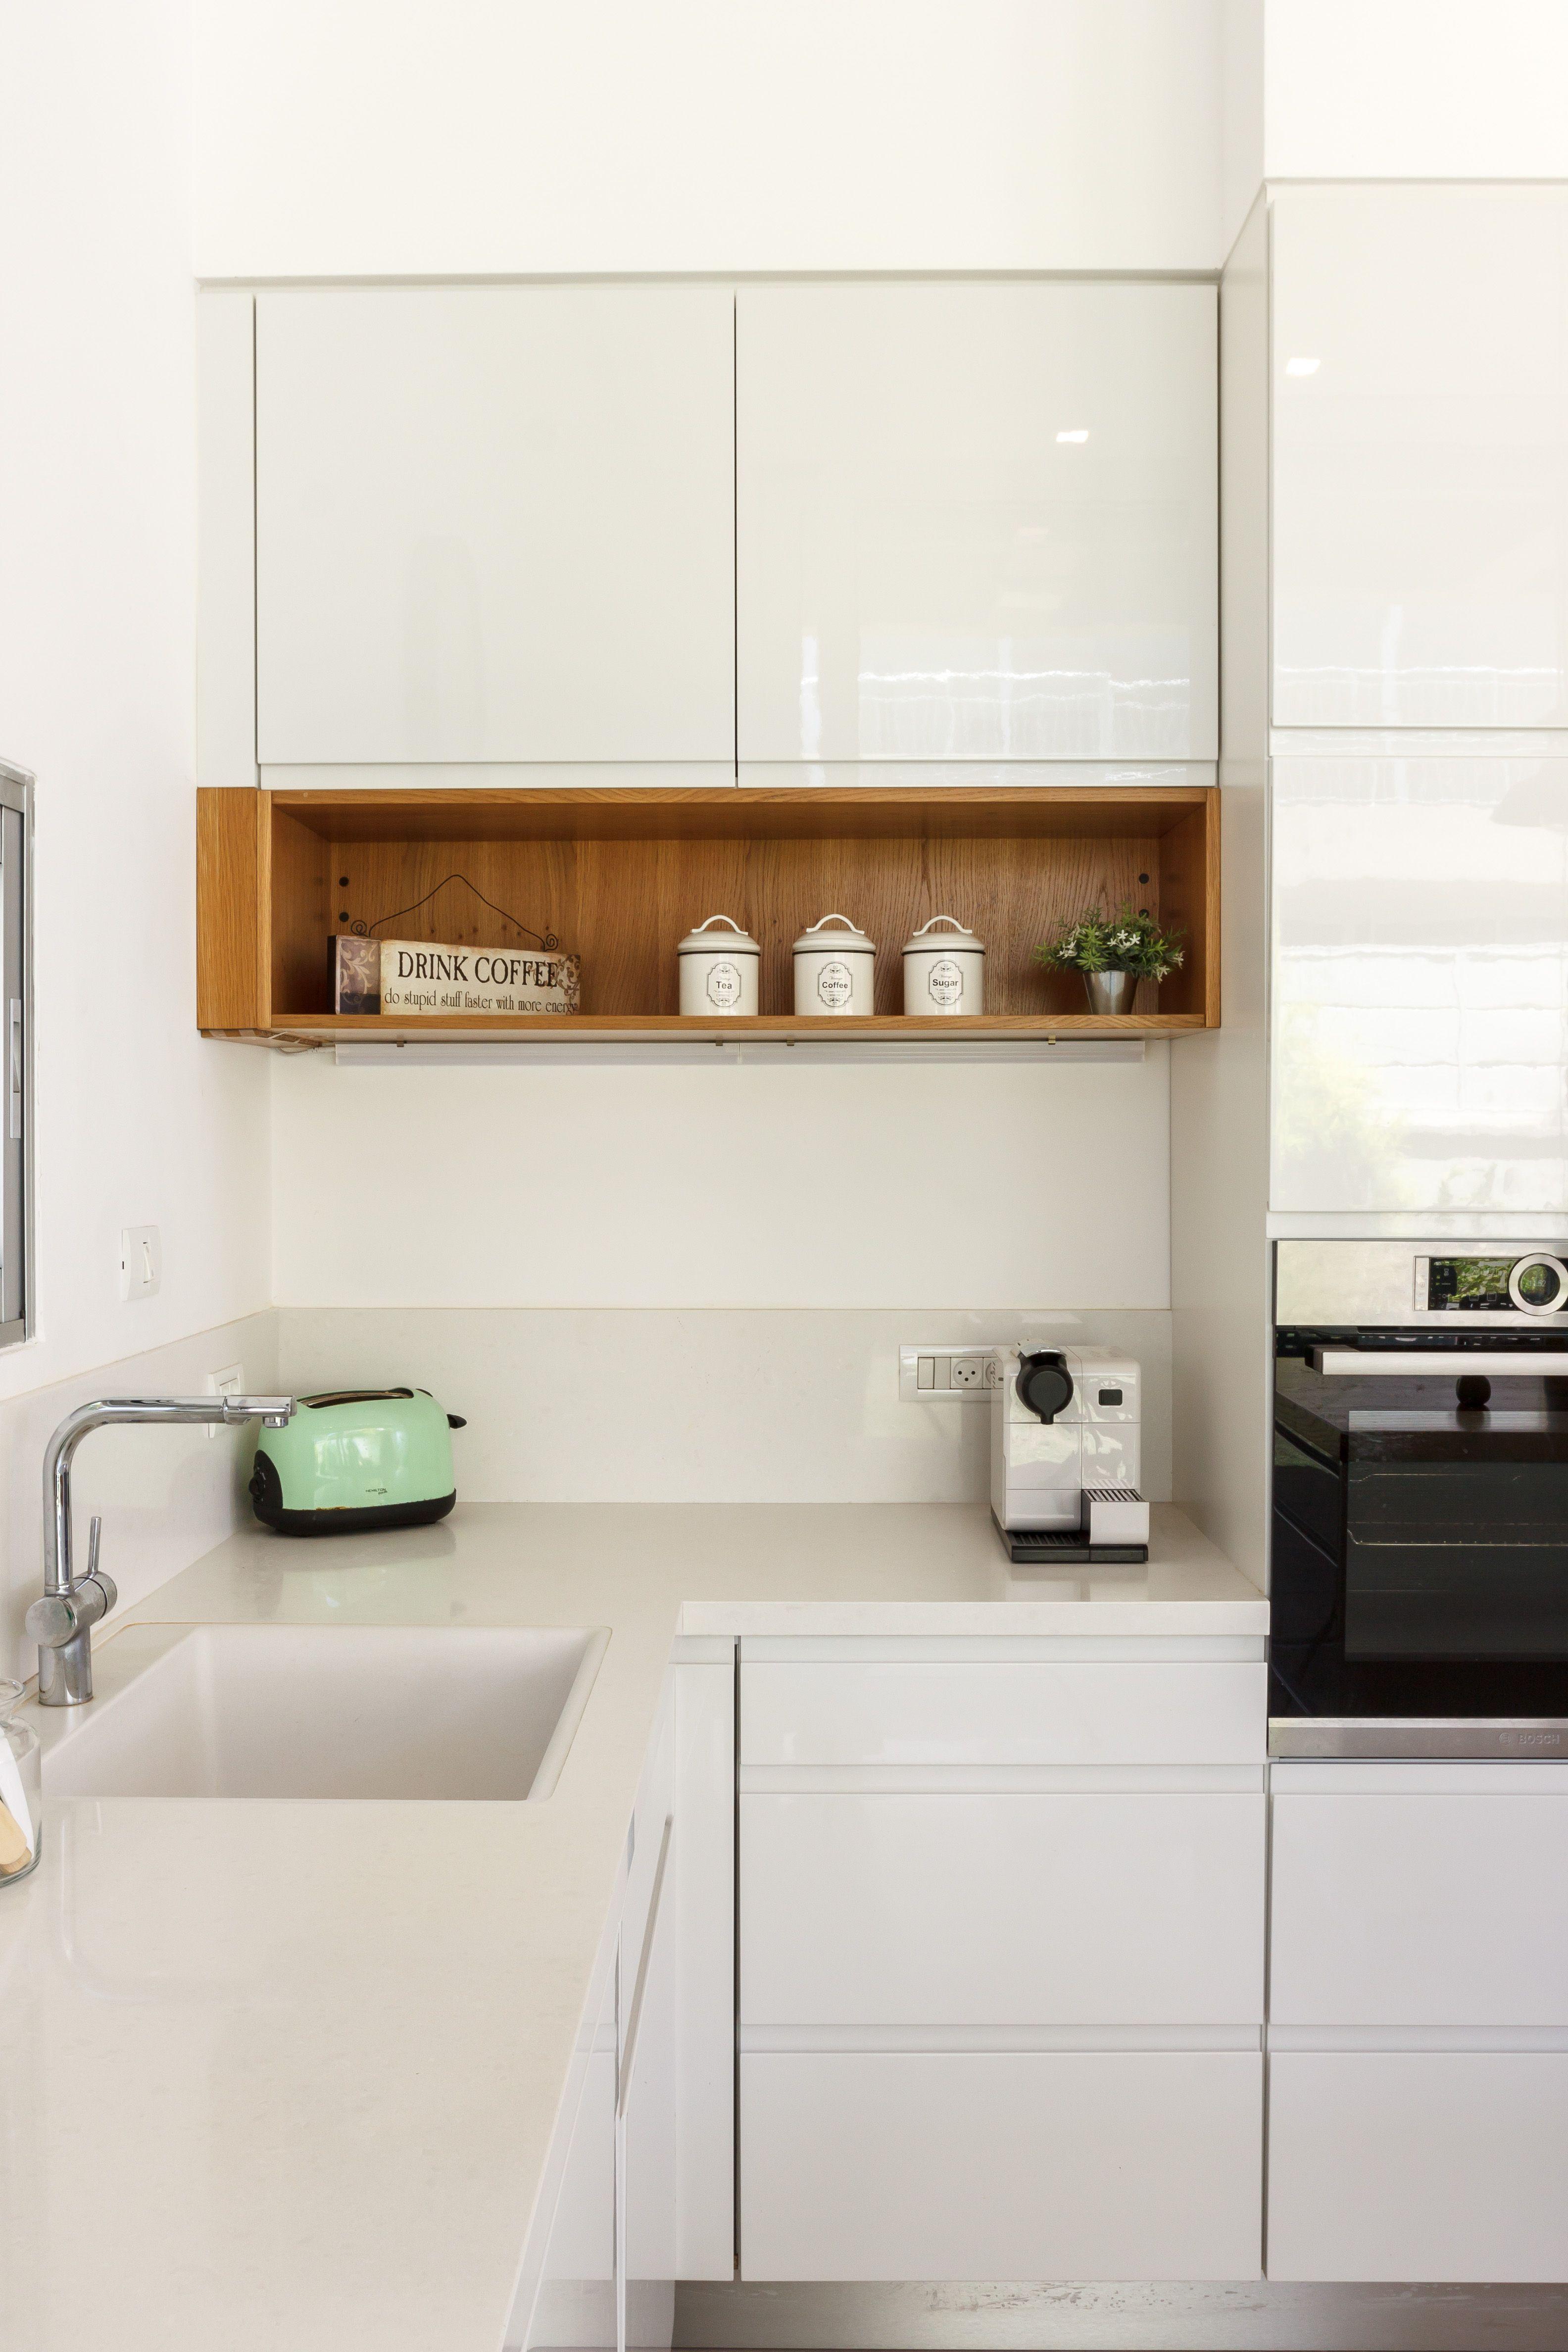 Best עיצוב מטבח מודרני עם מדף עץ Modern Kitchen Design Home 640 x 480